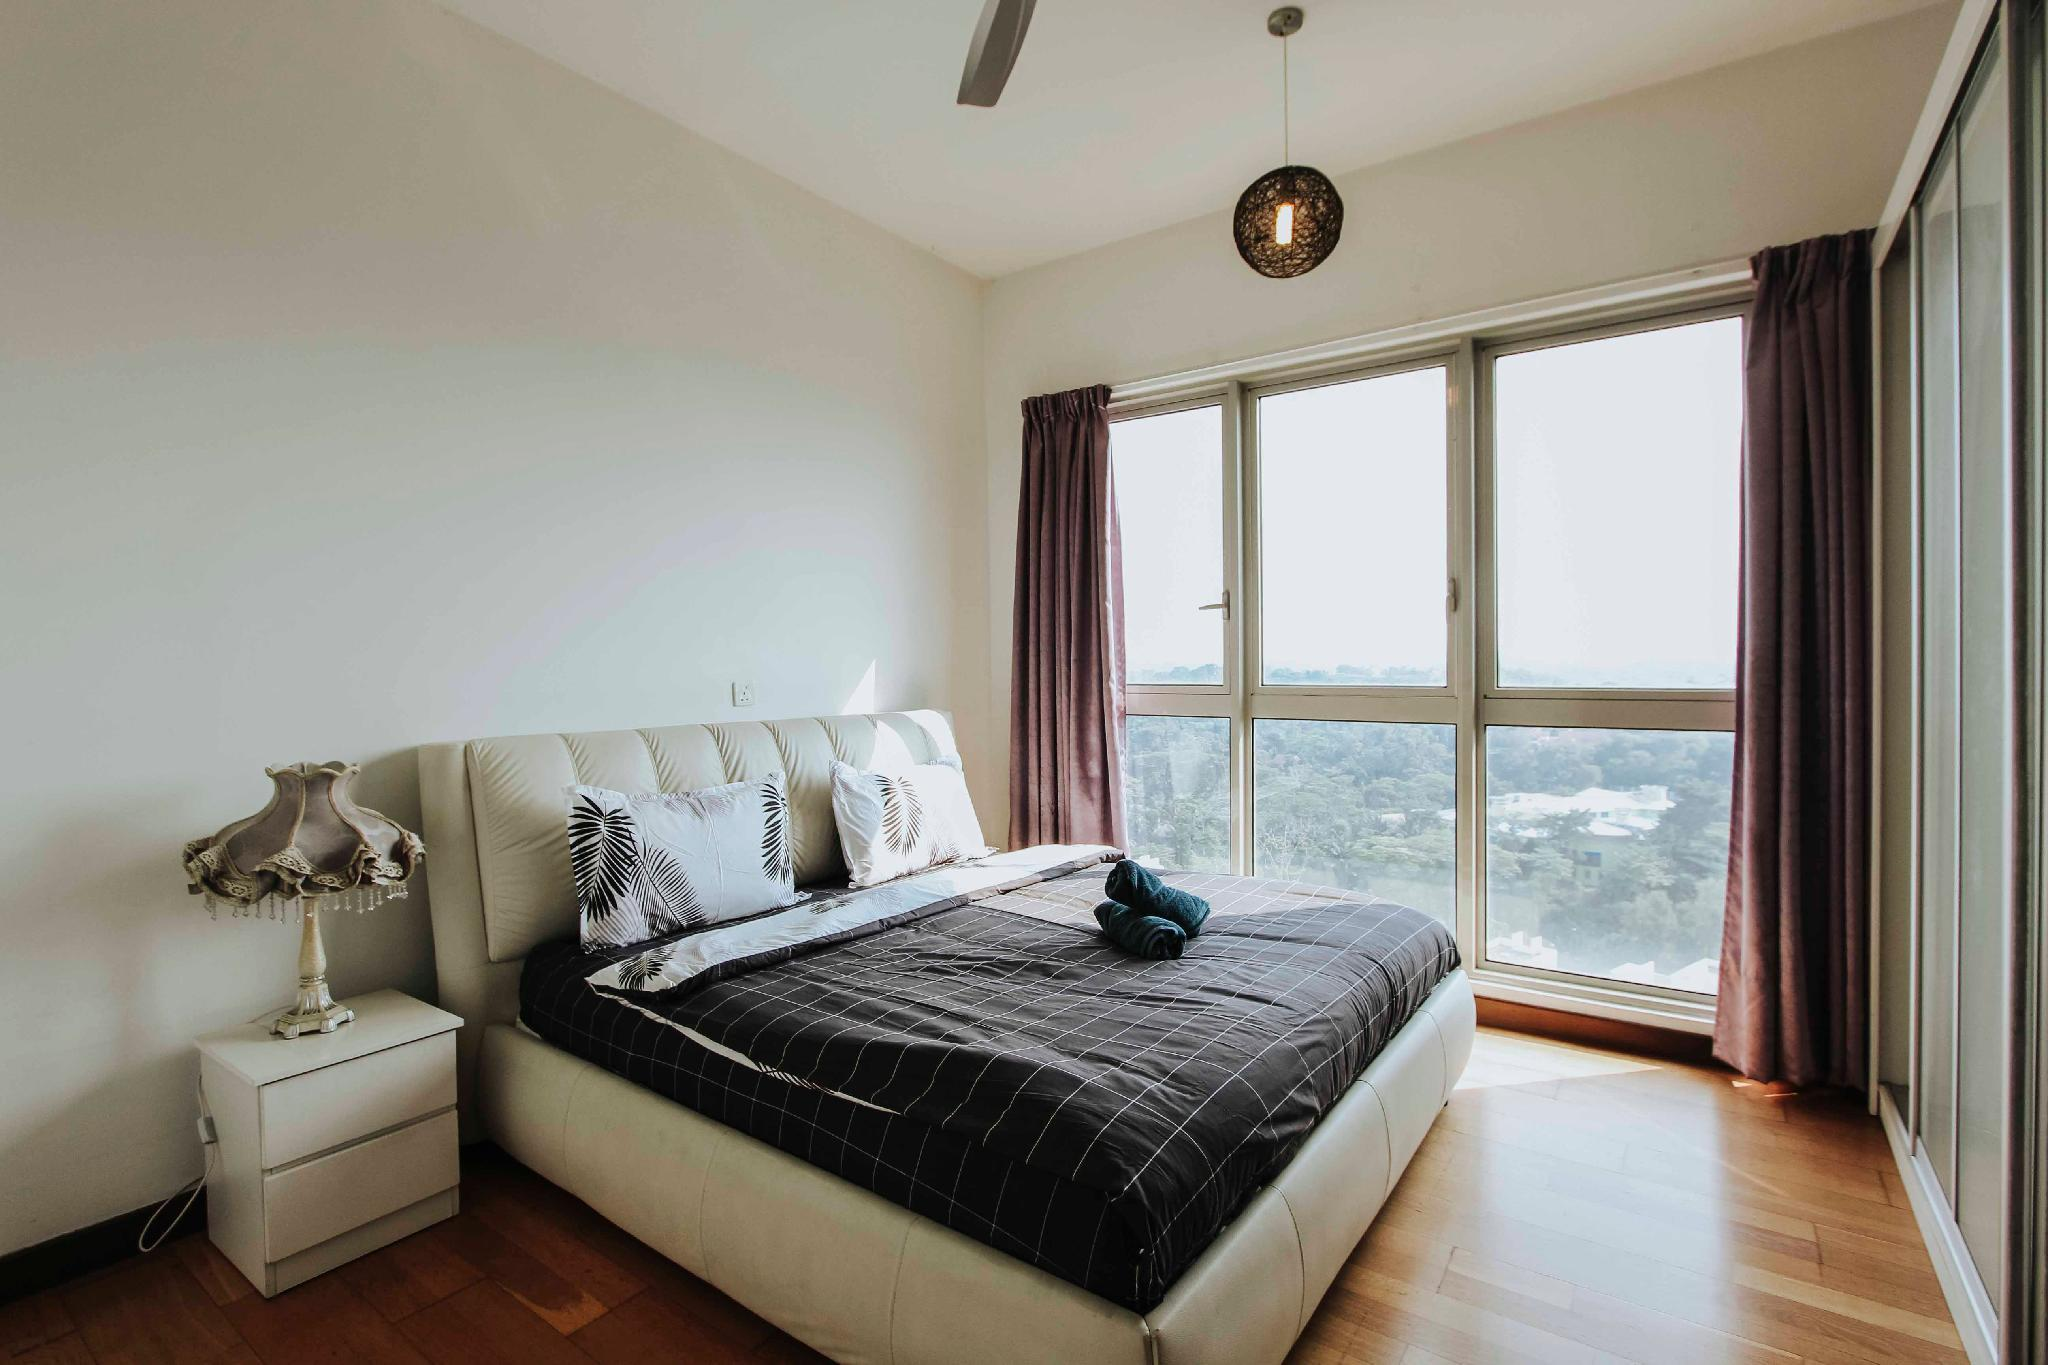 3Bedrooom Cozy Suite Sky Pool Petronas Tower View